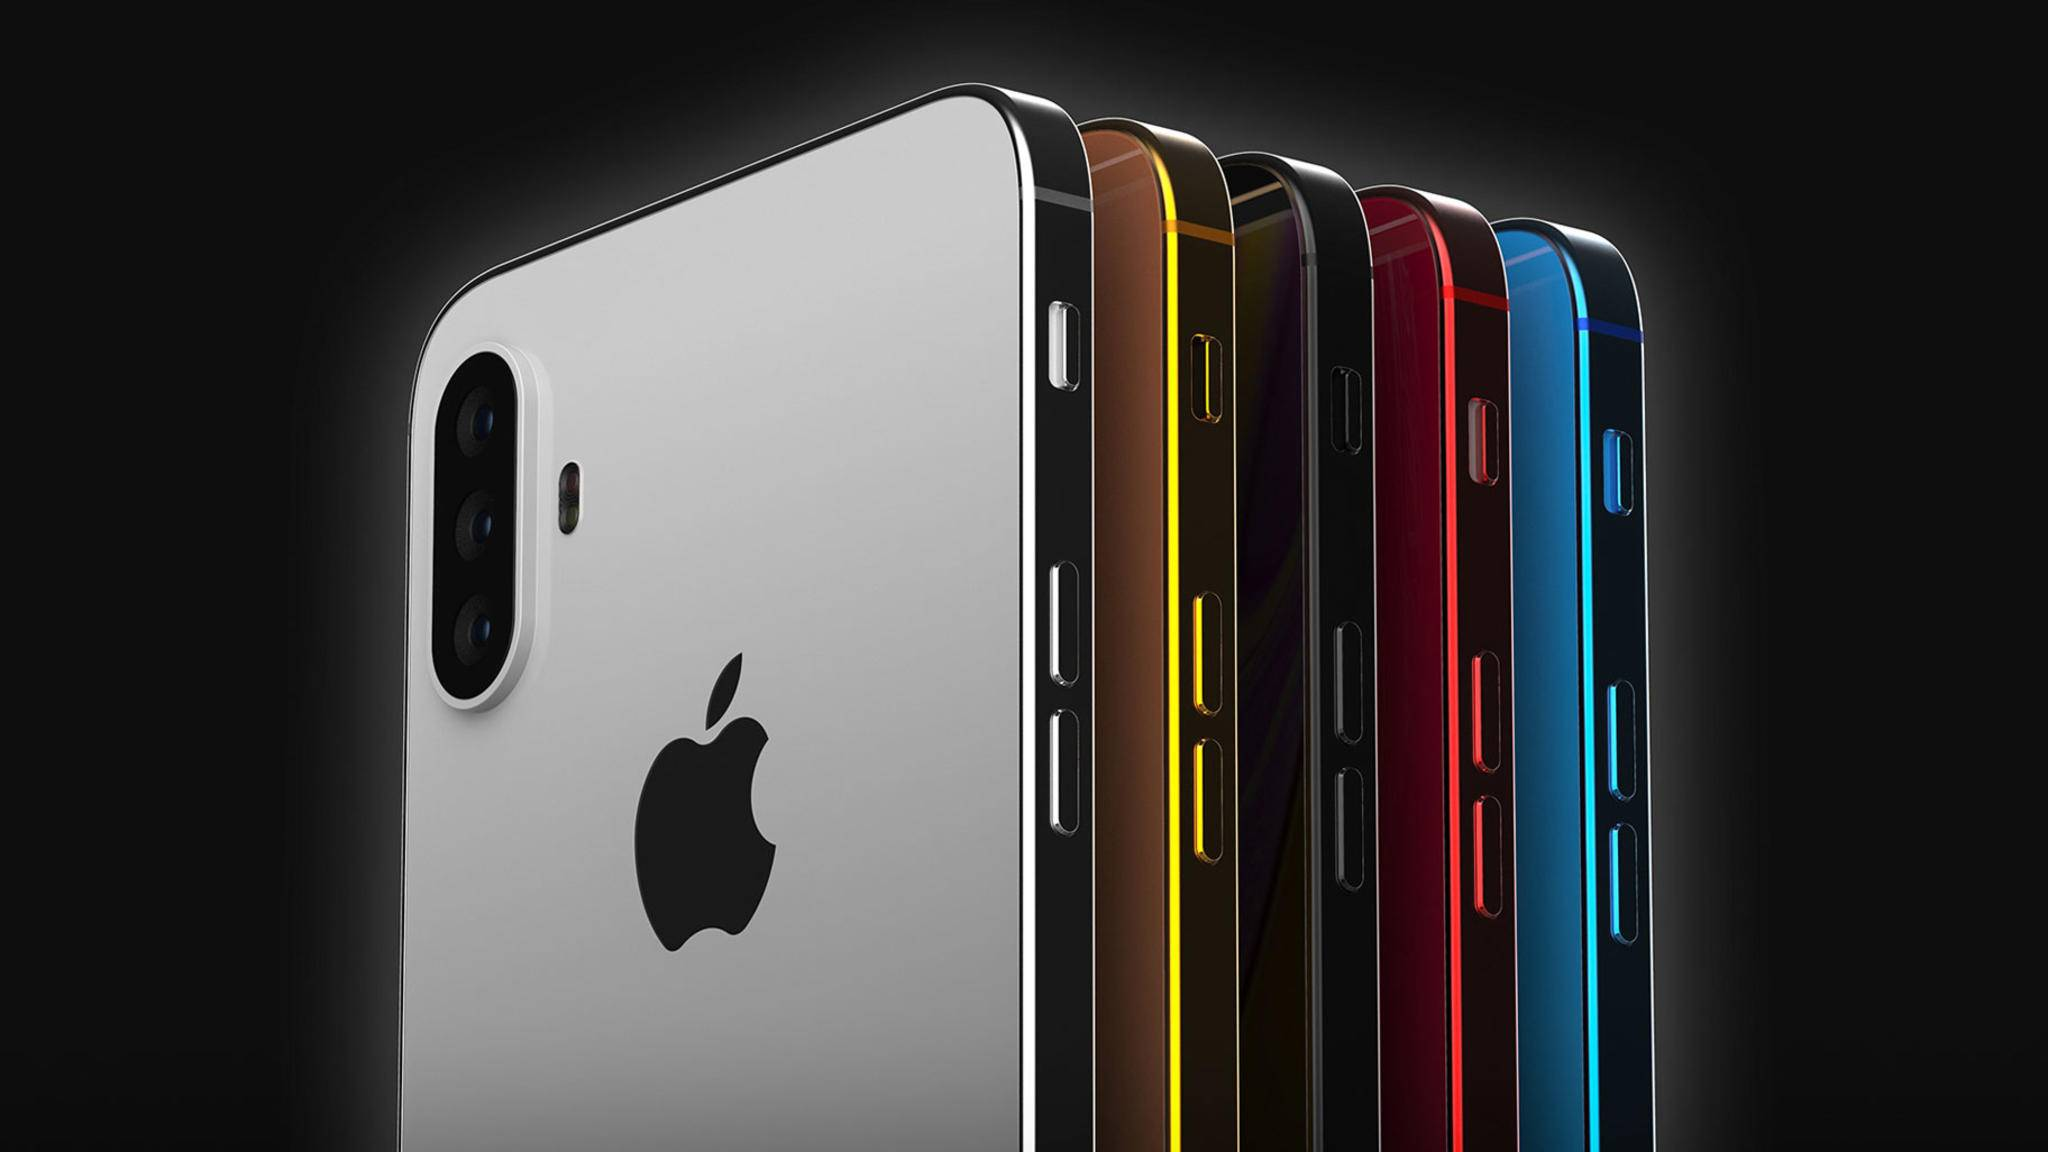 Wird das kommende iPhone den Apple Pencil unterstützen? Analysten glauben daran.